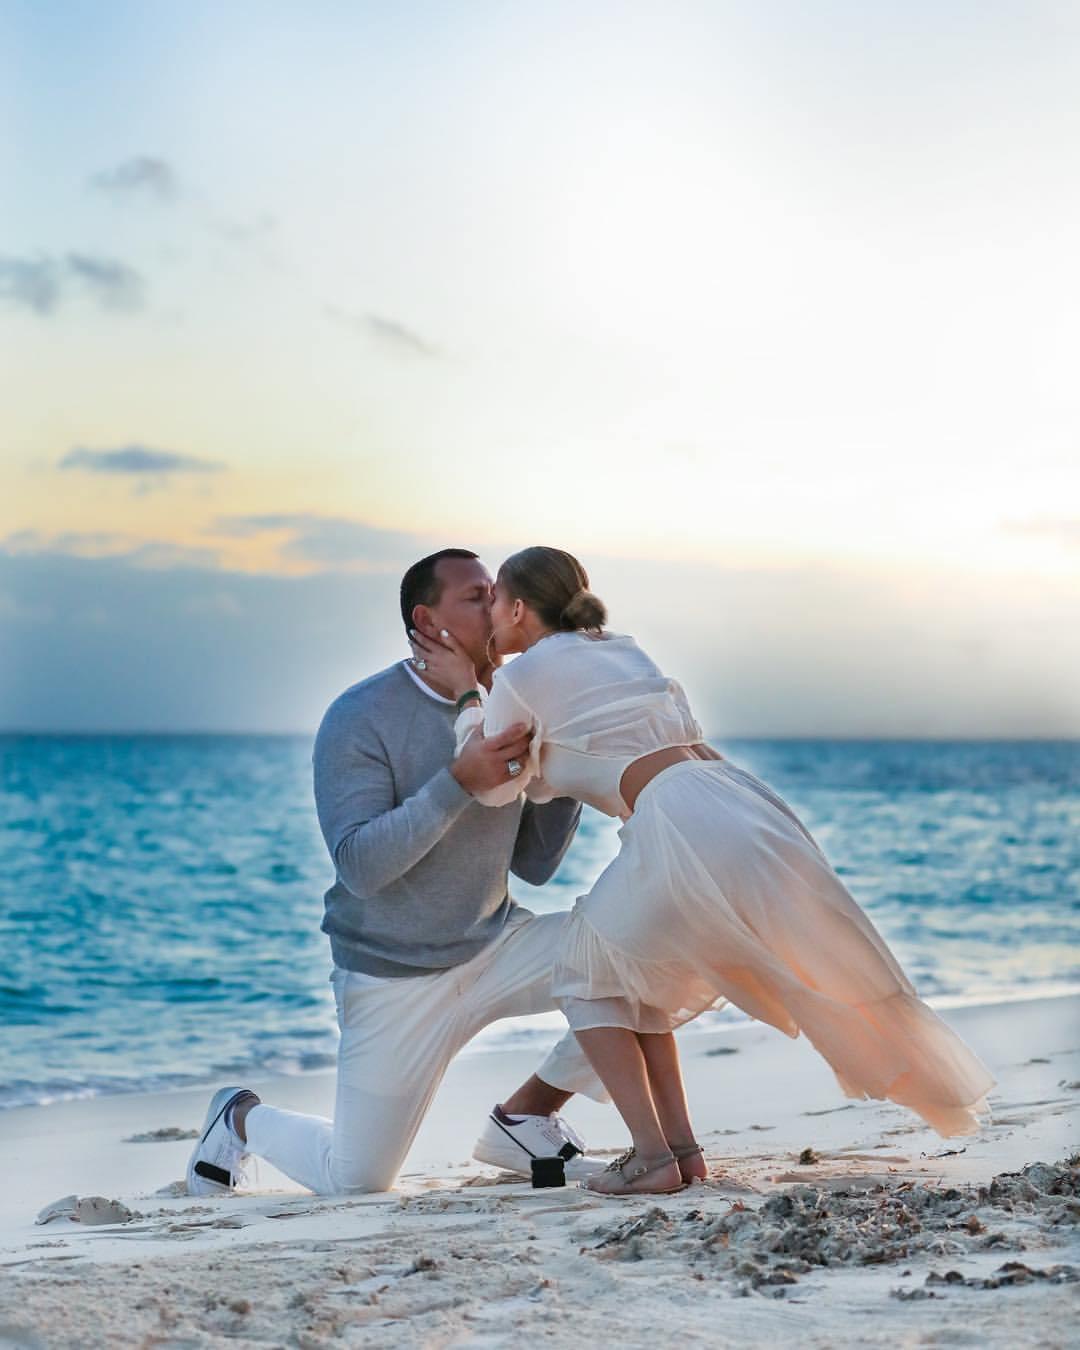 jennifer Lopez and Alex rodriguez engagement